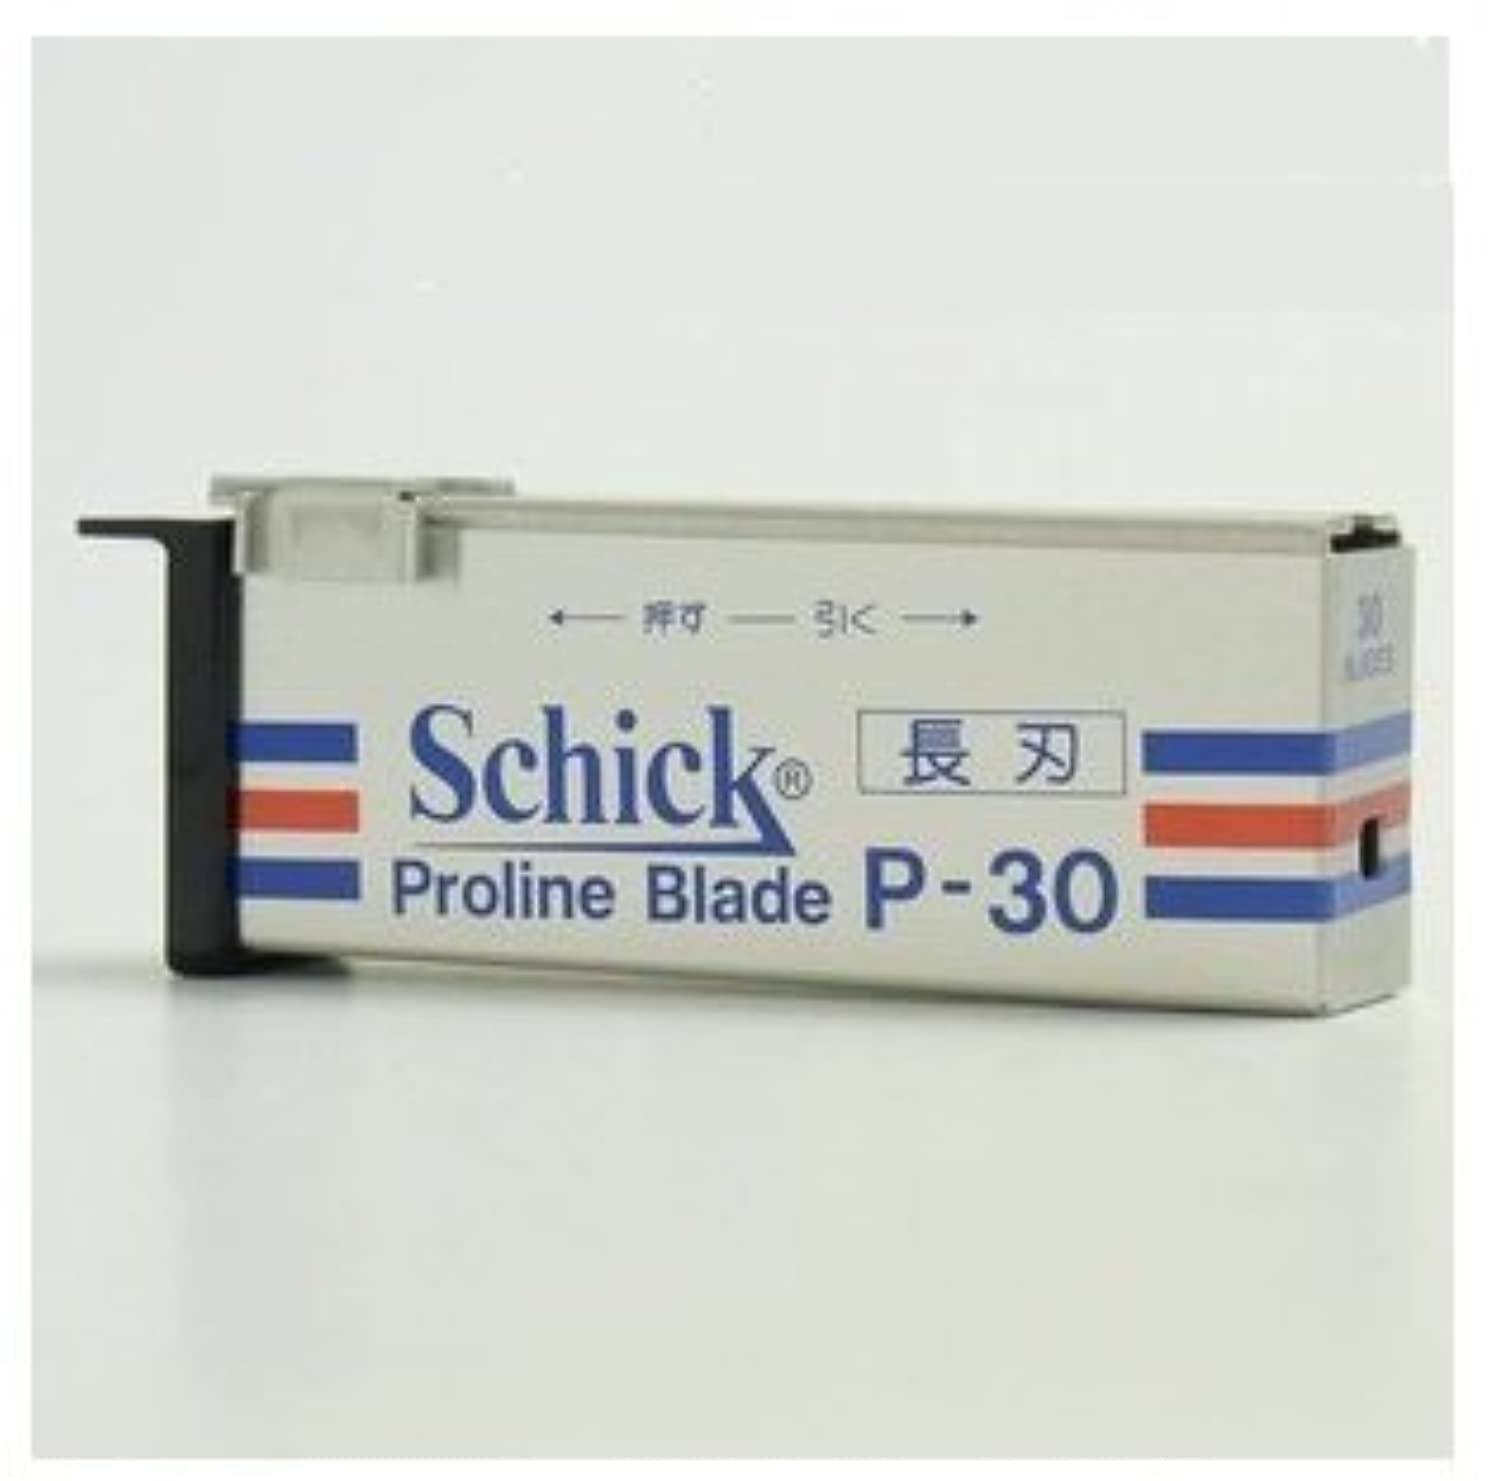 フィードバック君主制君主制シック プロラインブレード P-30 業務用替刃<長刃> 30枚入 【お得なx10個セット】